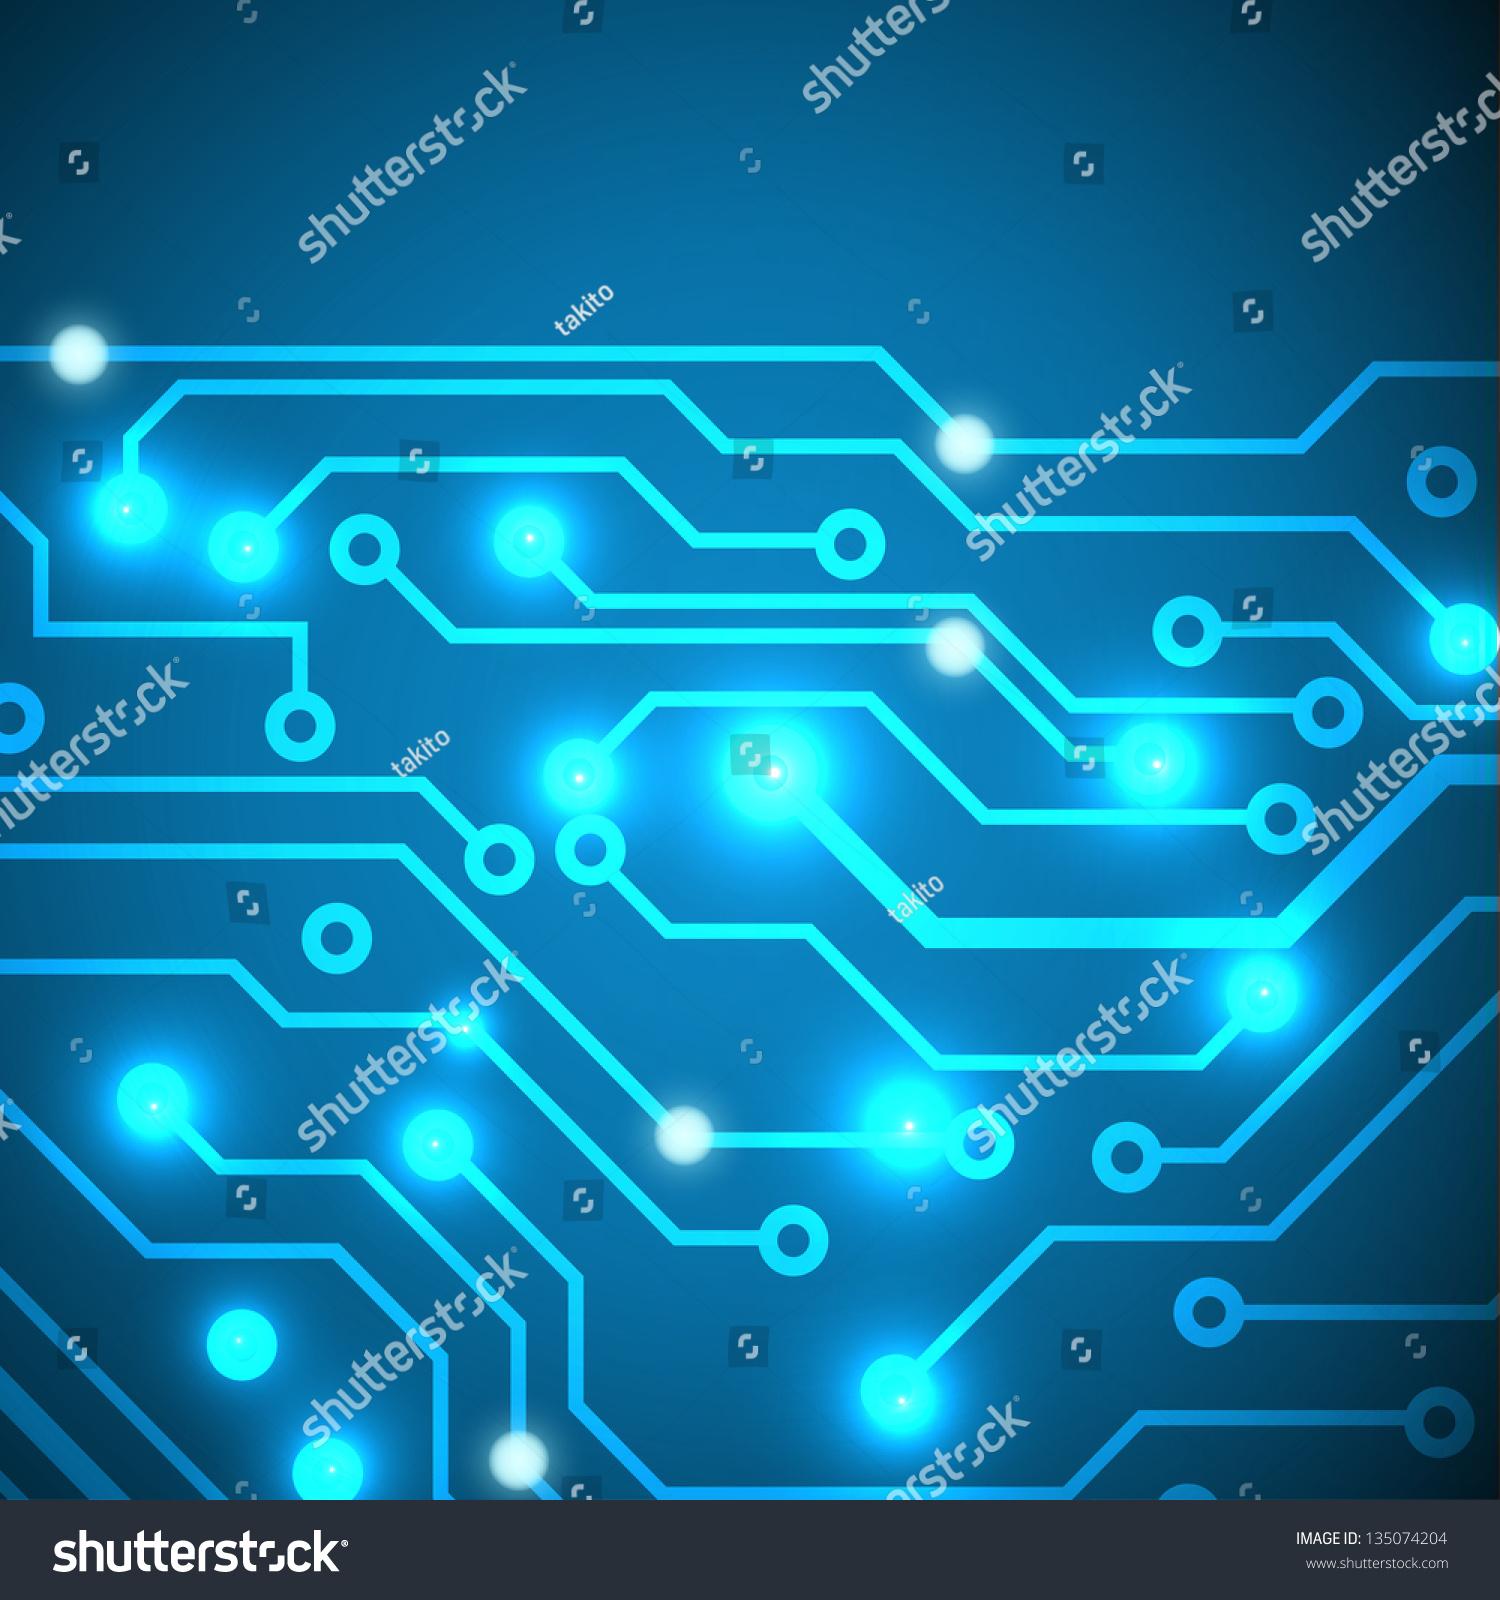 技术电路板.jpg版本-工业